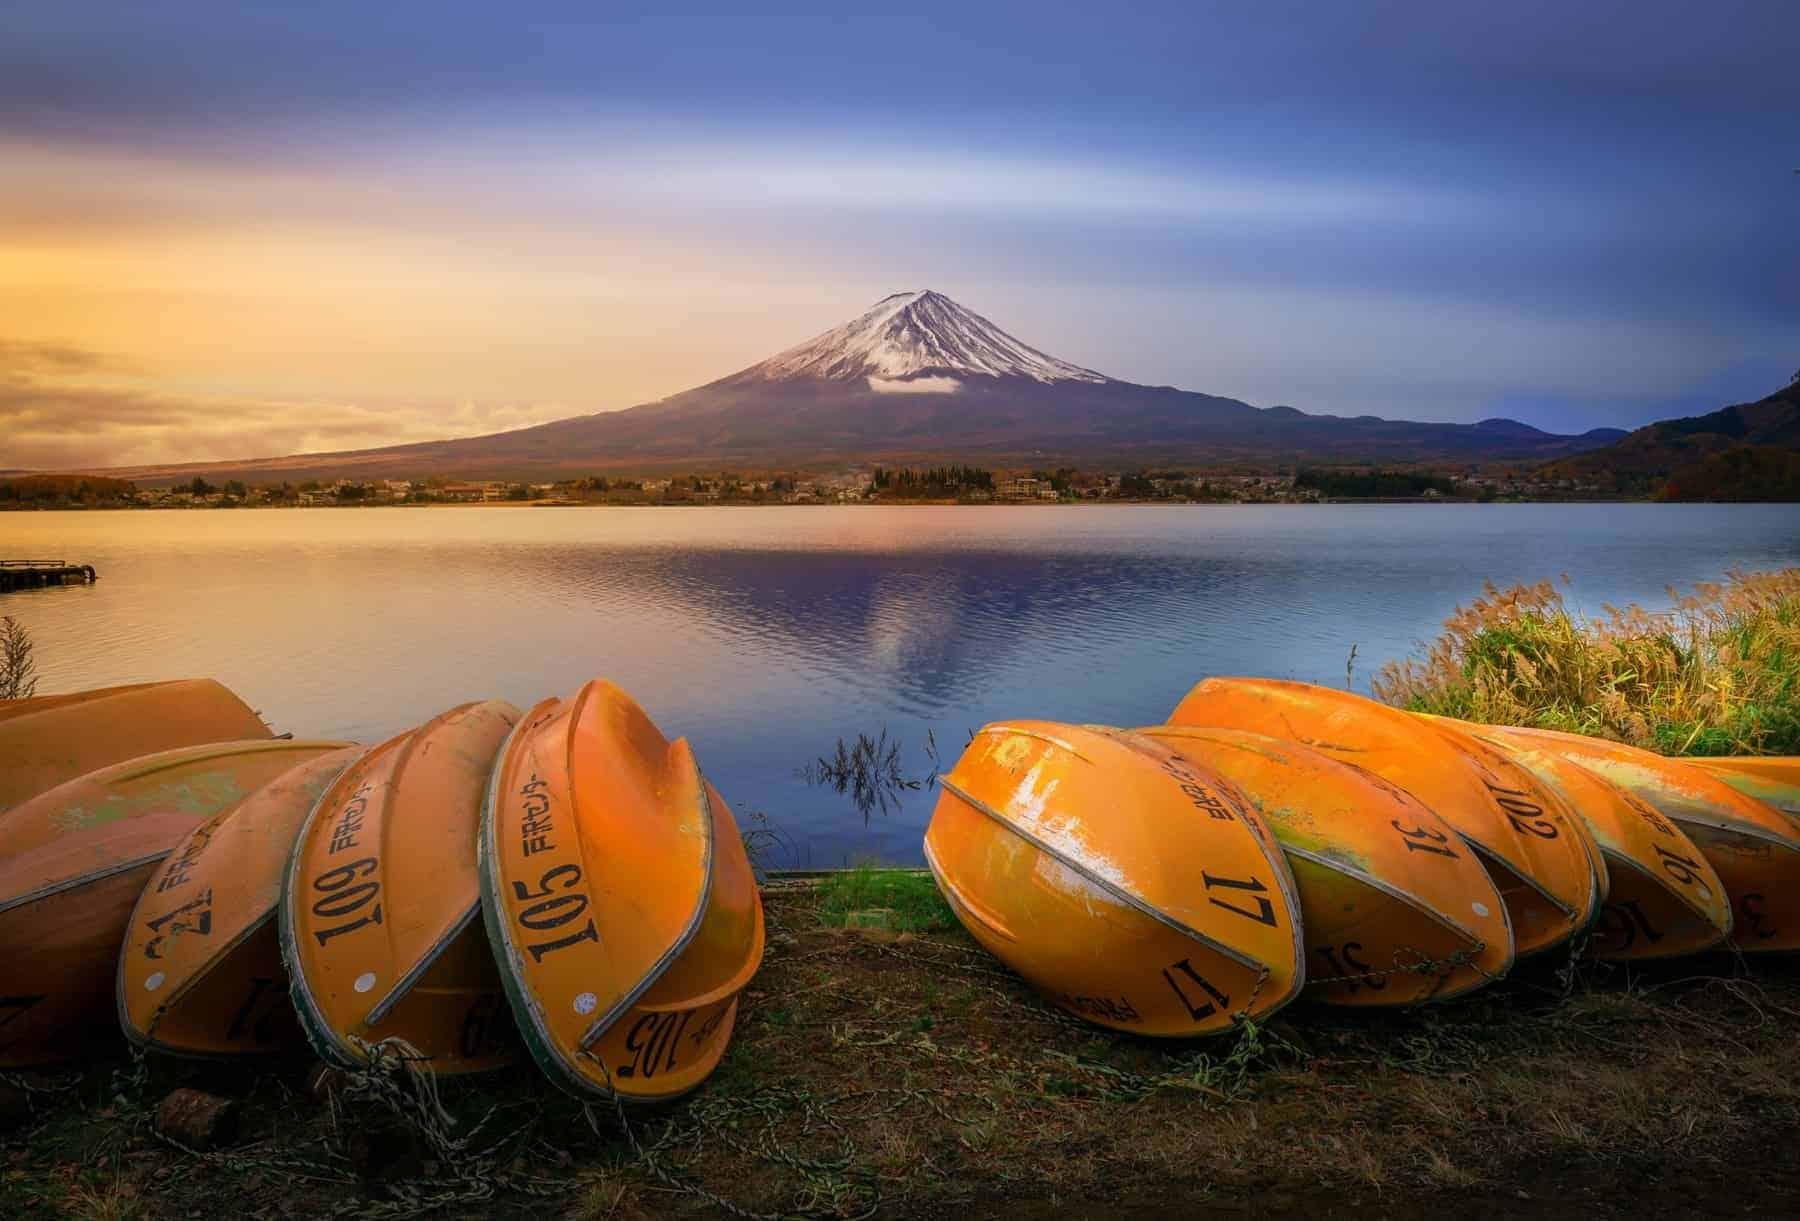 Mount Fuji and Lake Shojiko at sunrise in Japan